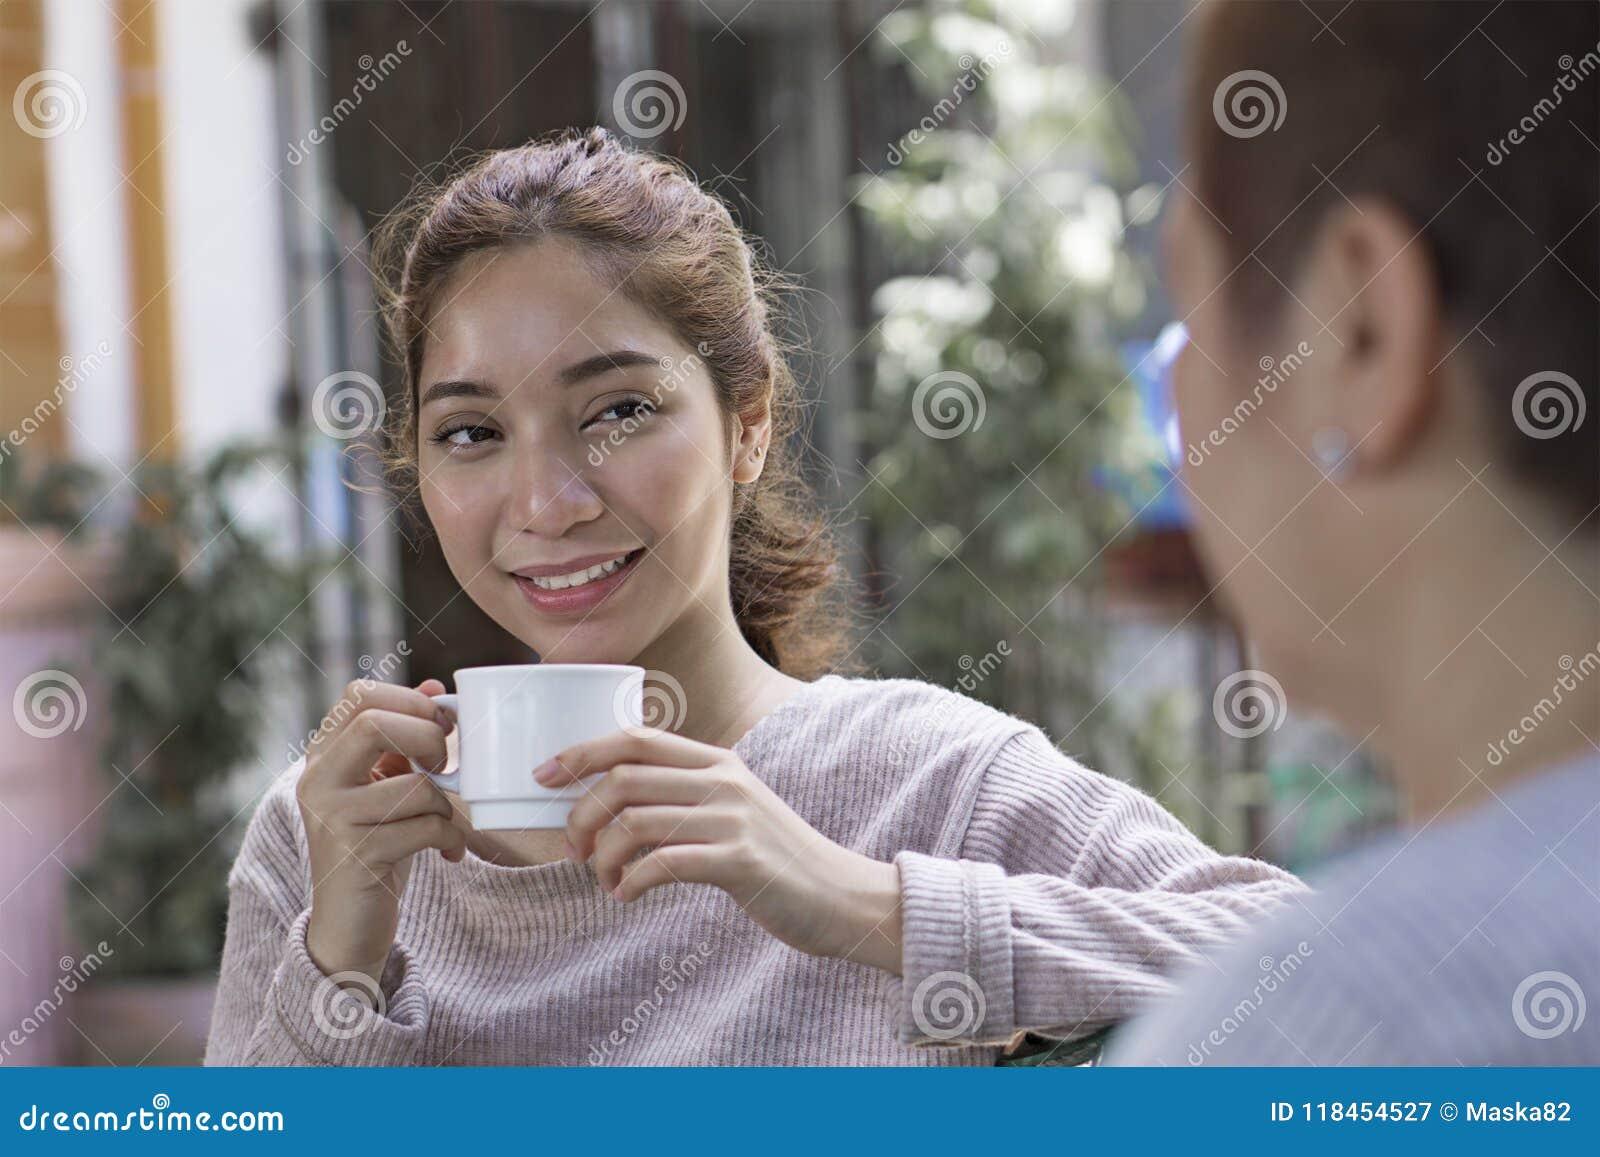 Descanso para tomar café con un amigo